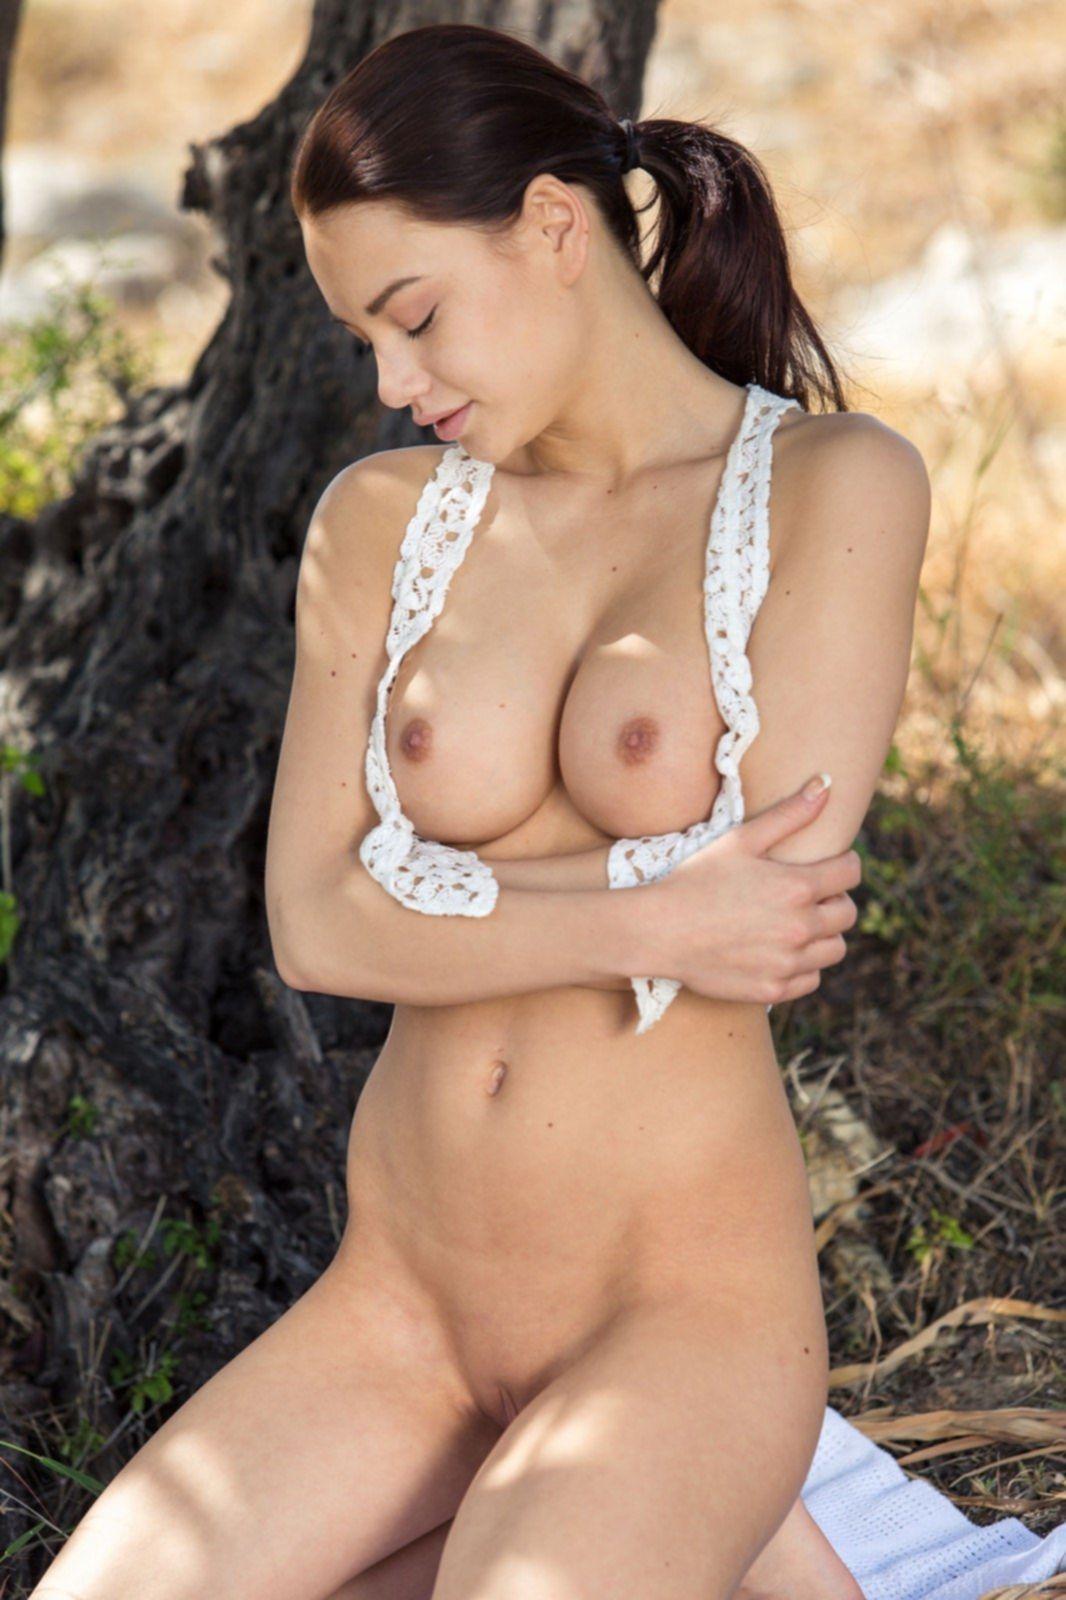 Красивая азиатка с упругими дойками на природе - фото